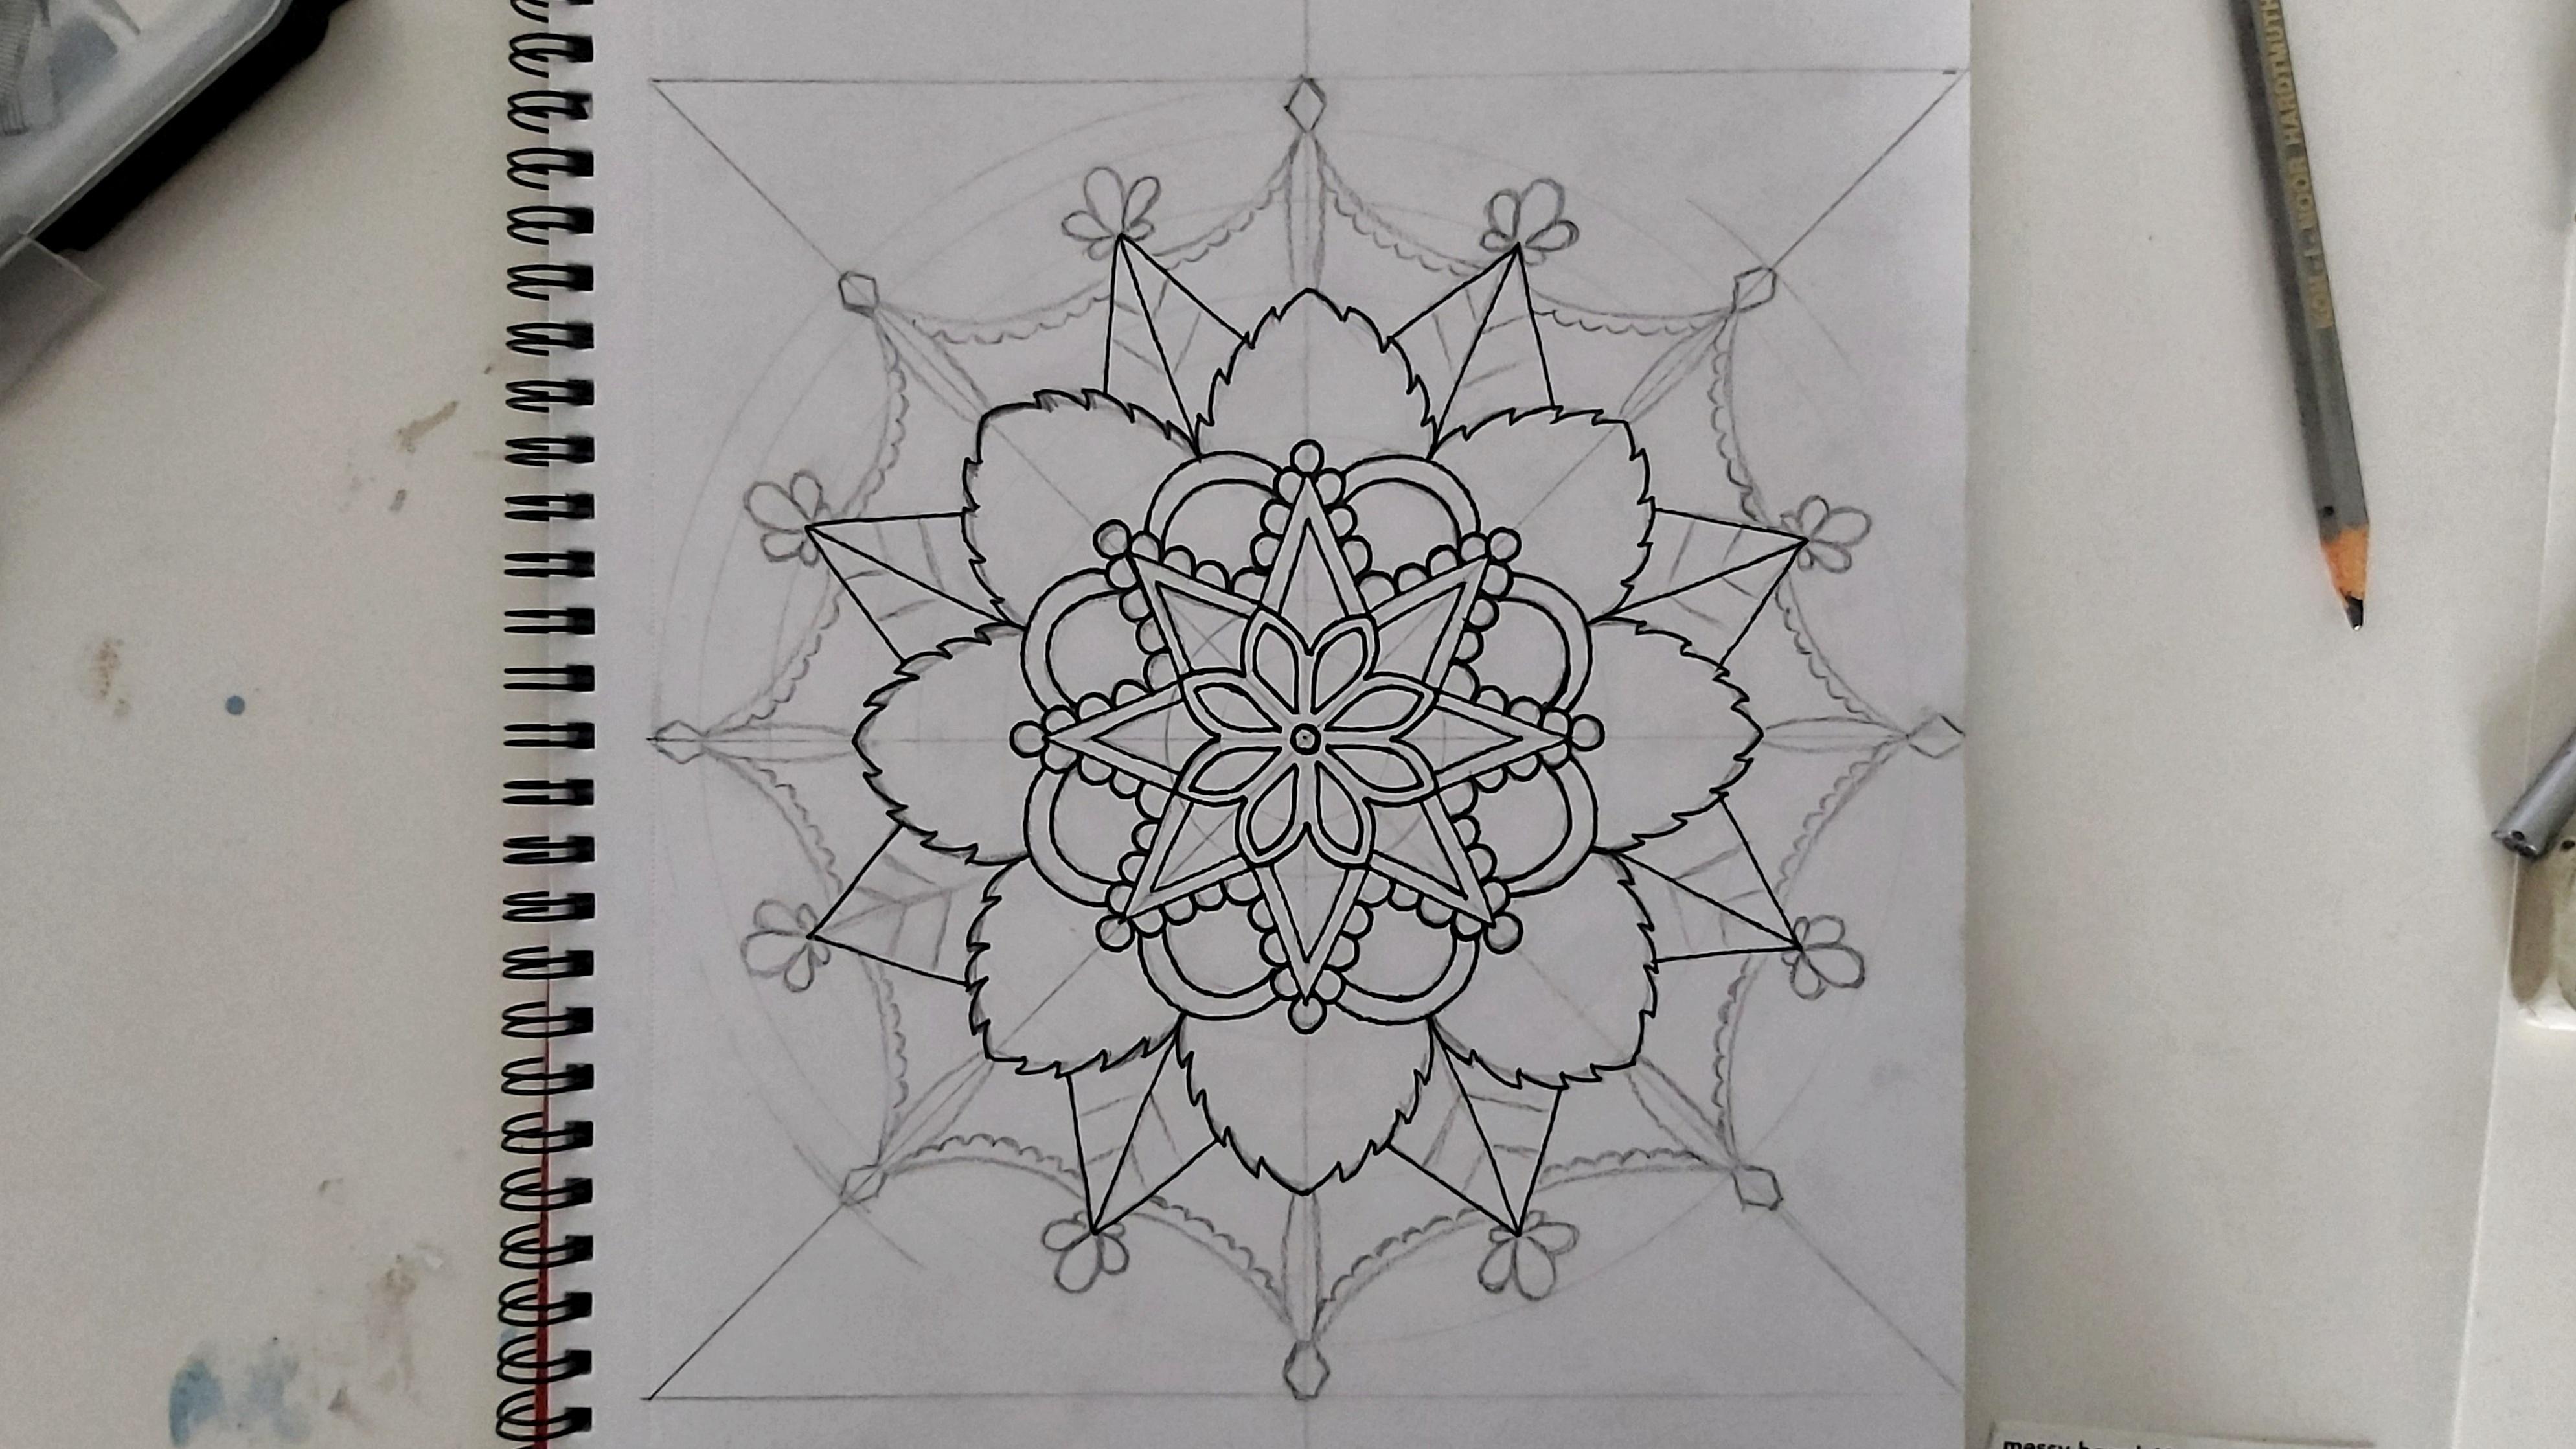 Mandala - black liner pen over pencil